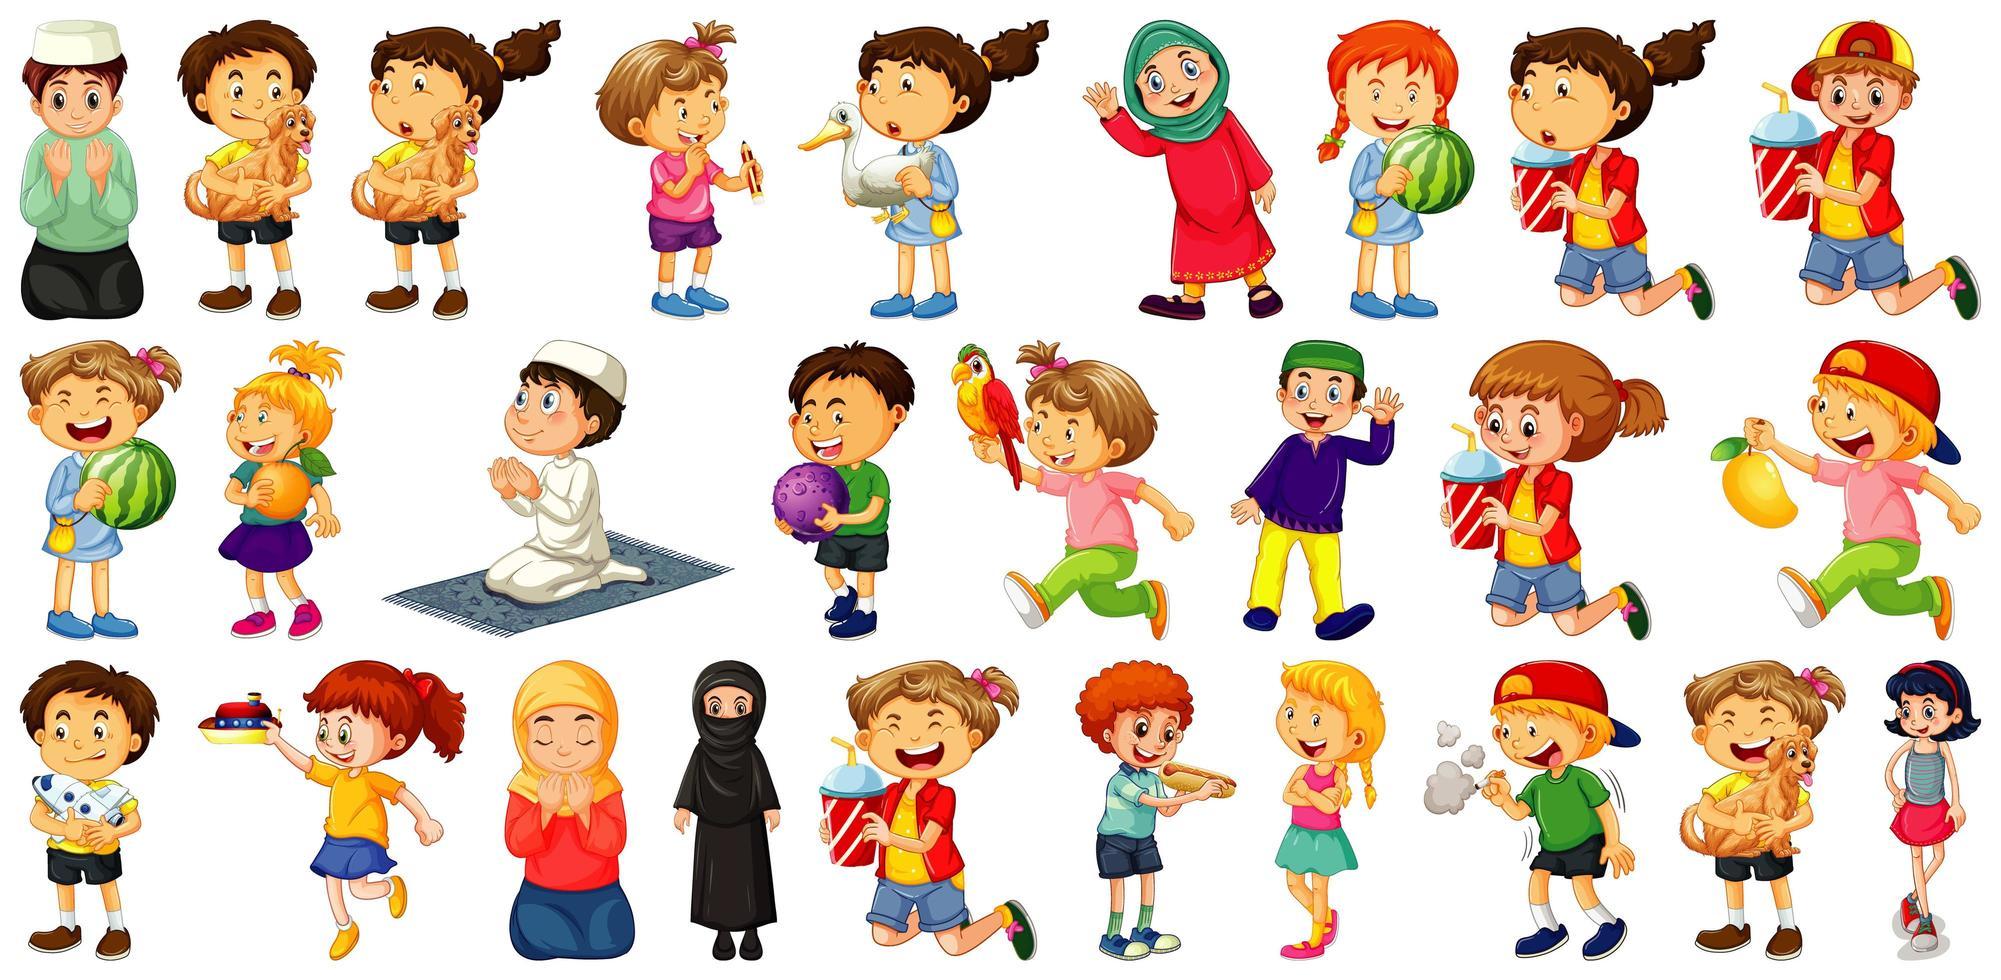 Kinder, die verschiedene Aktivitäten Cartoon Zeichensatz auf weißem Hintergrund tun vektor